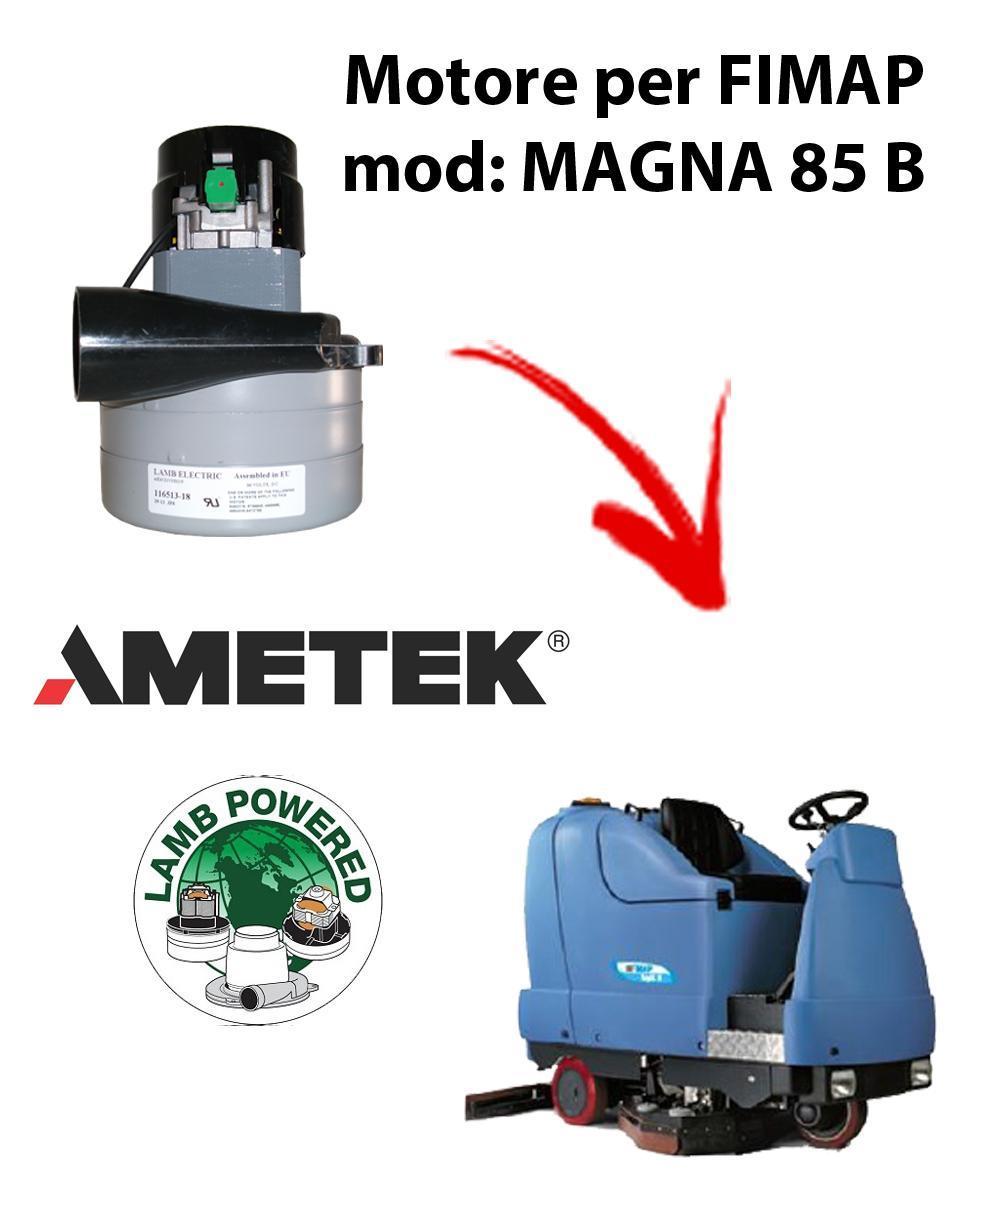 MAGNA 85 B Ametek Vacuum Motor for scrubber dryer Fimap